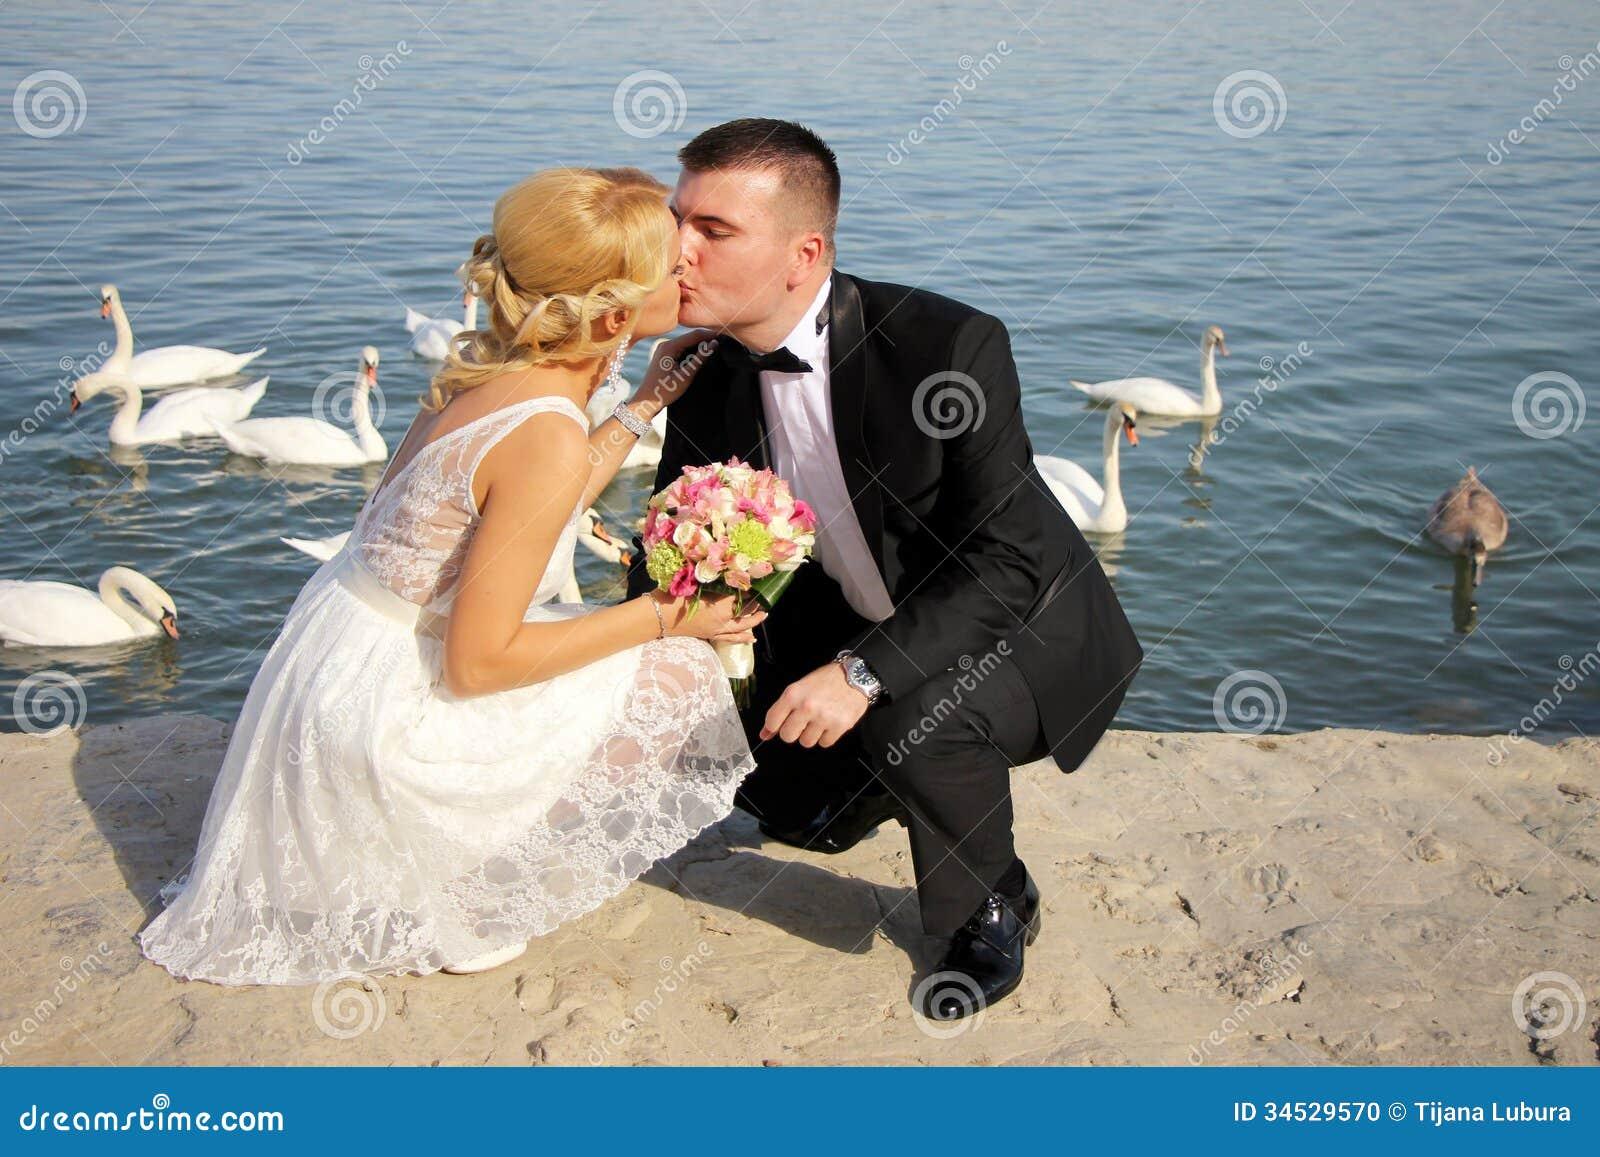 nice young wedding couple stock photo - image: 34529570